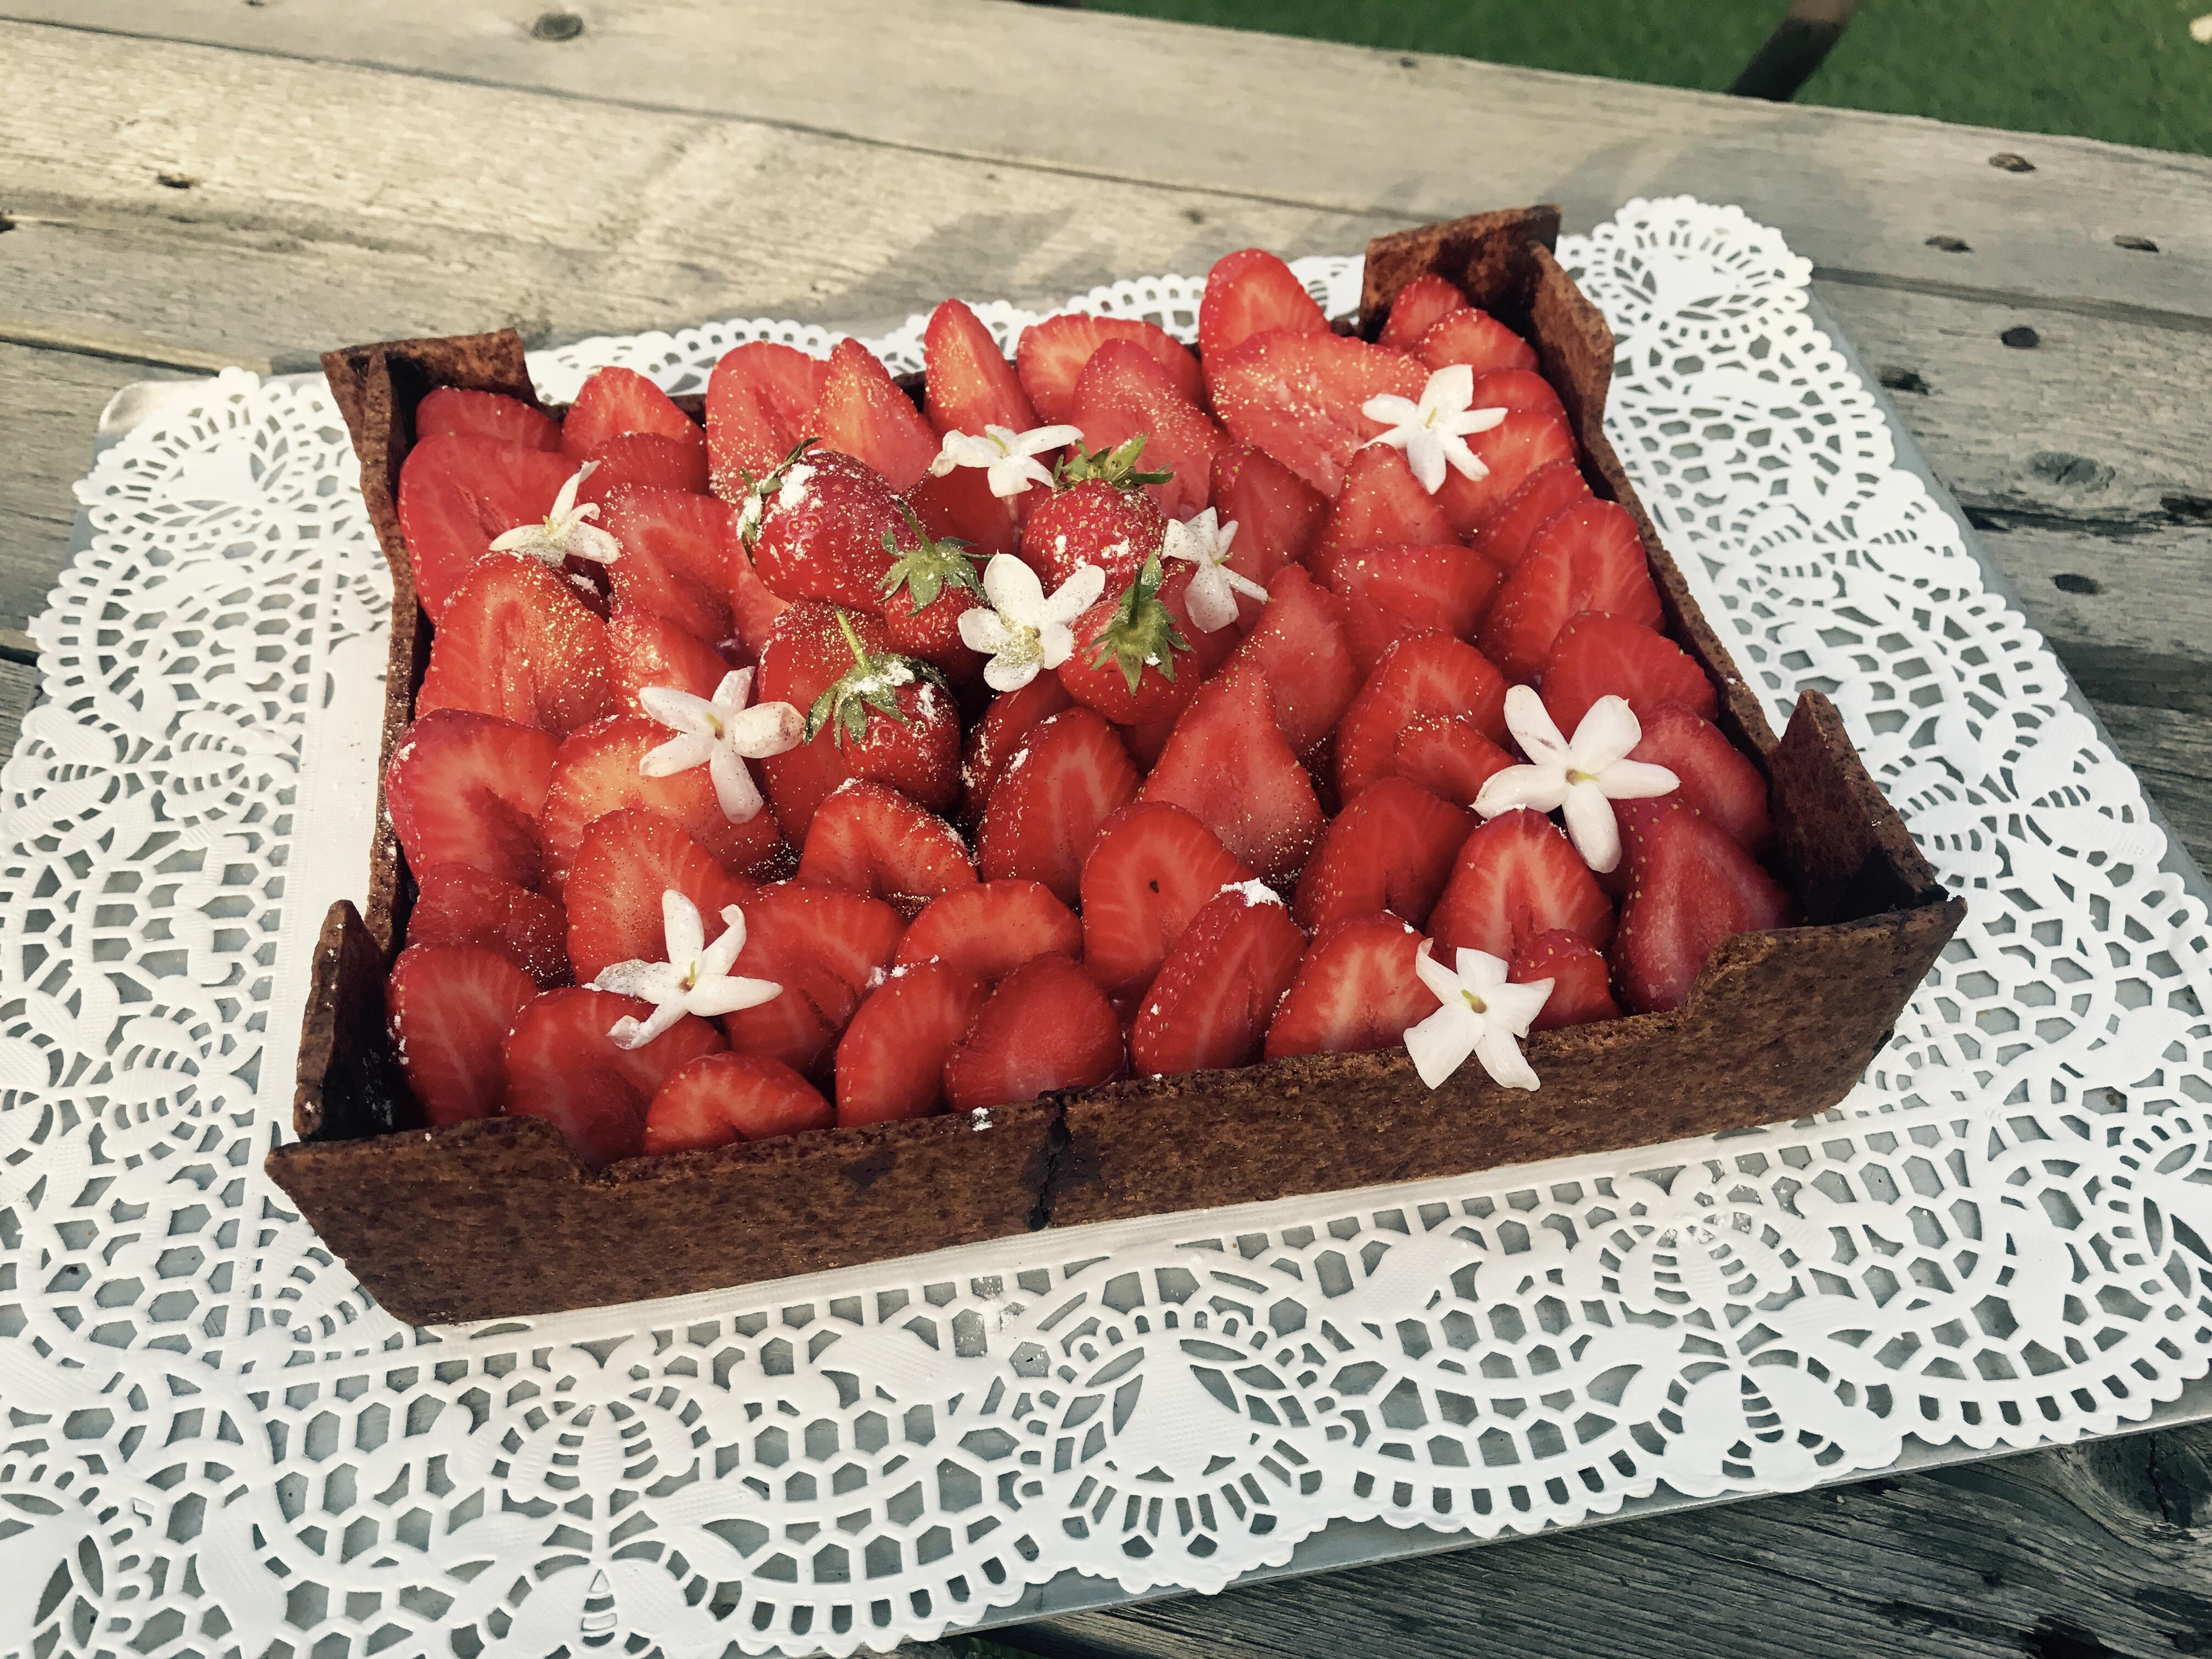 La cagette de fraises